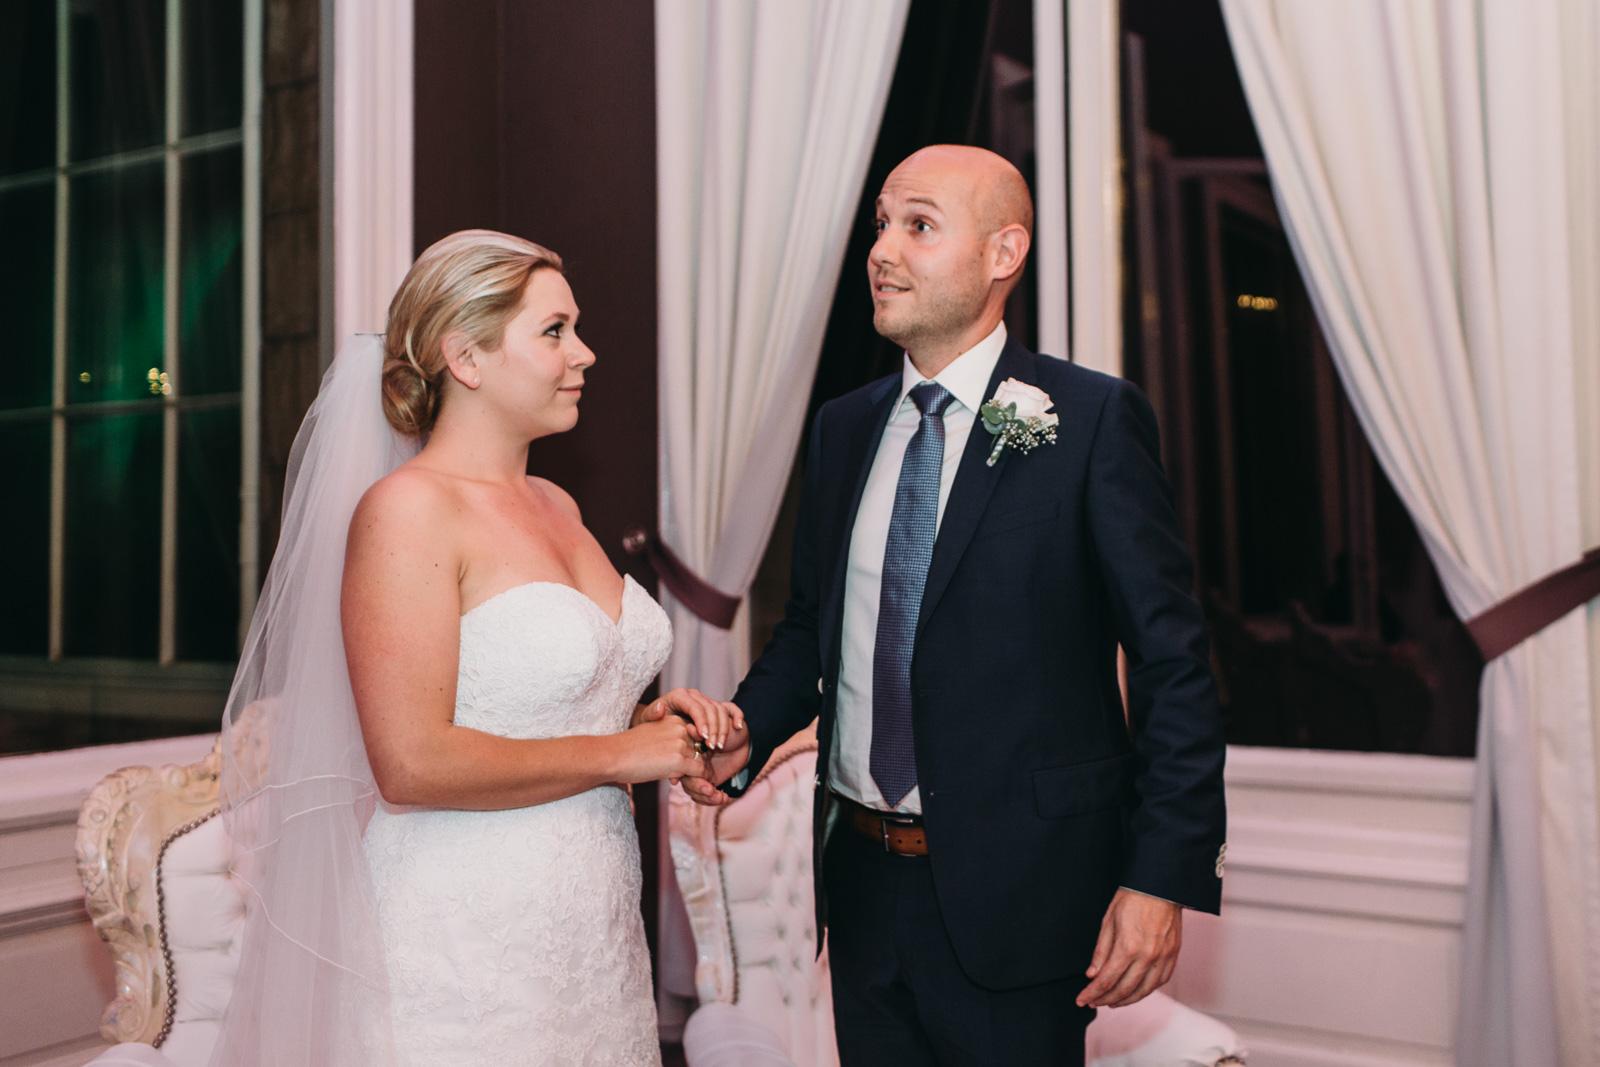 Evabloem_wedding_martine-en-jurriaan-15.jpg